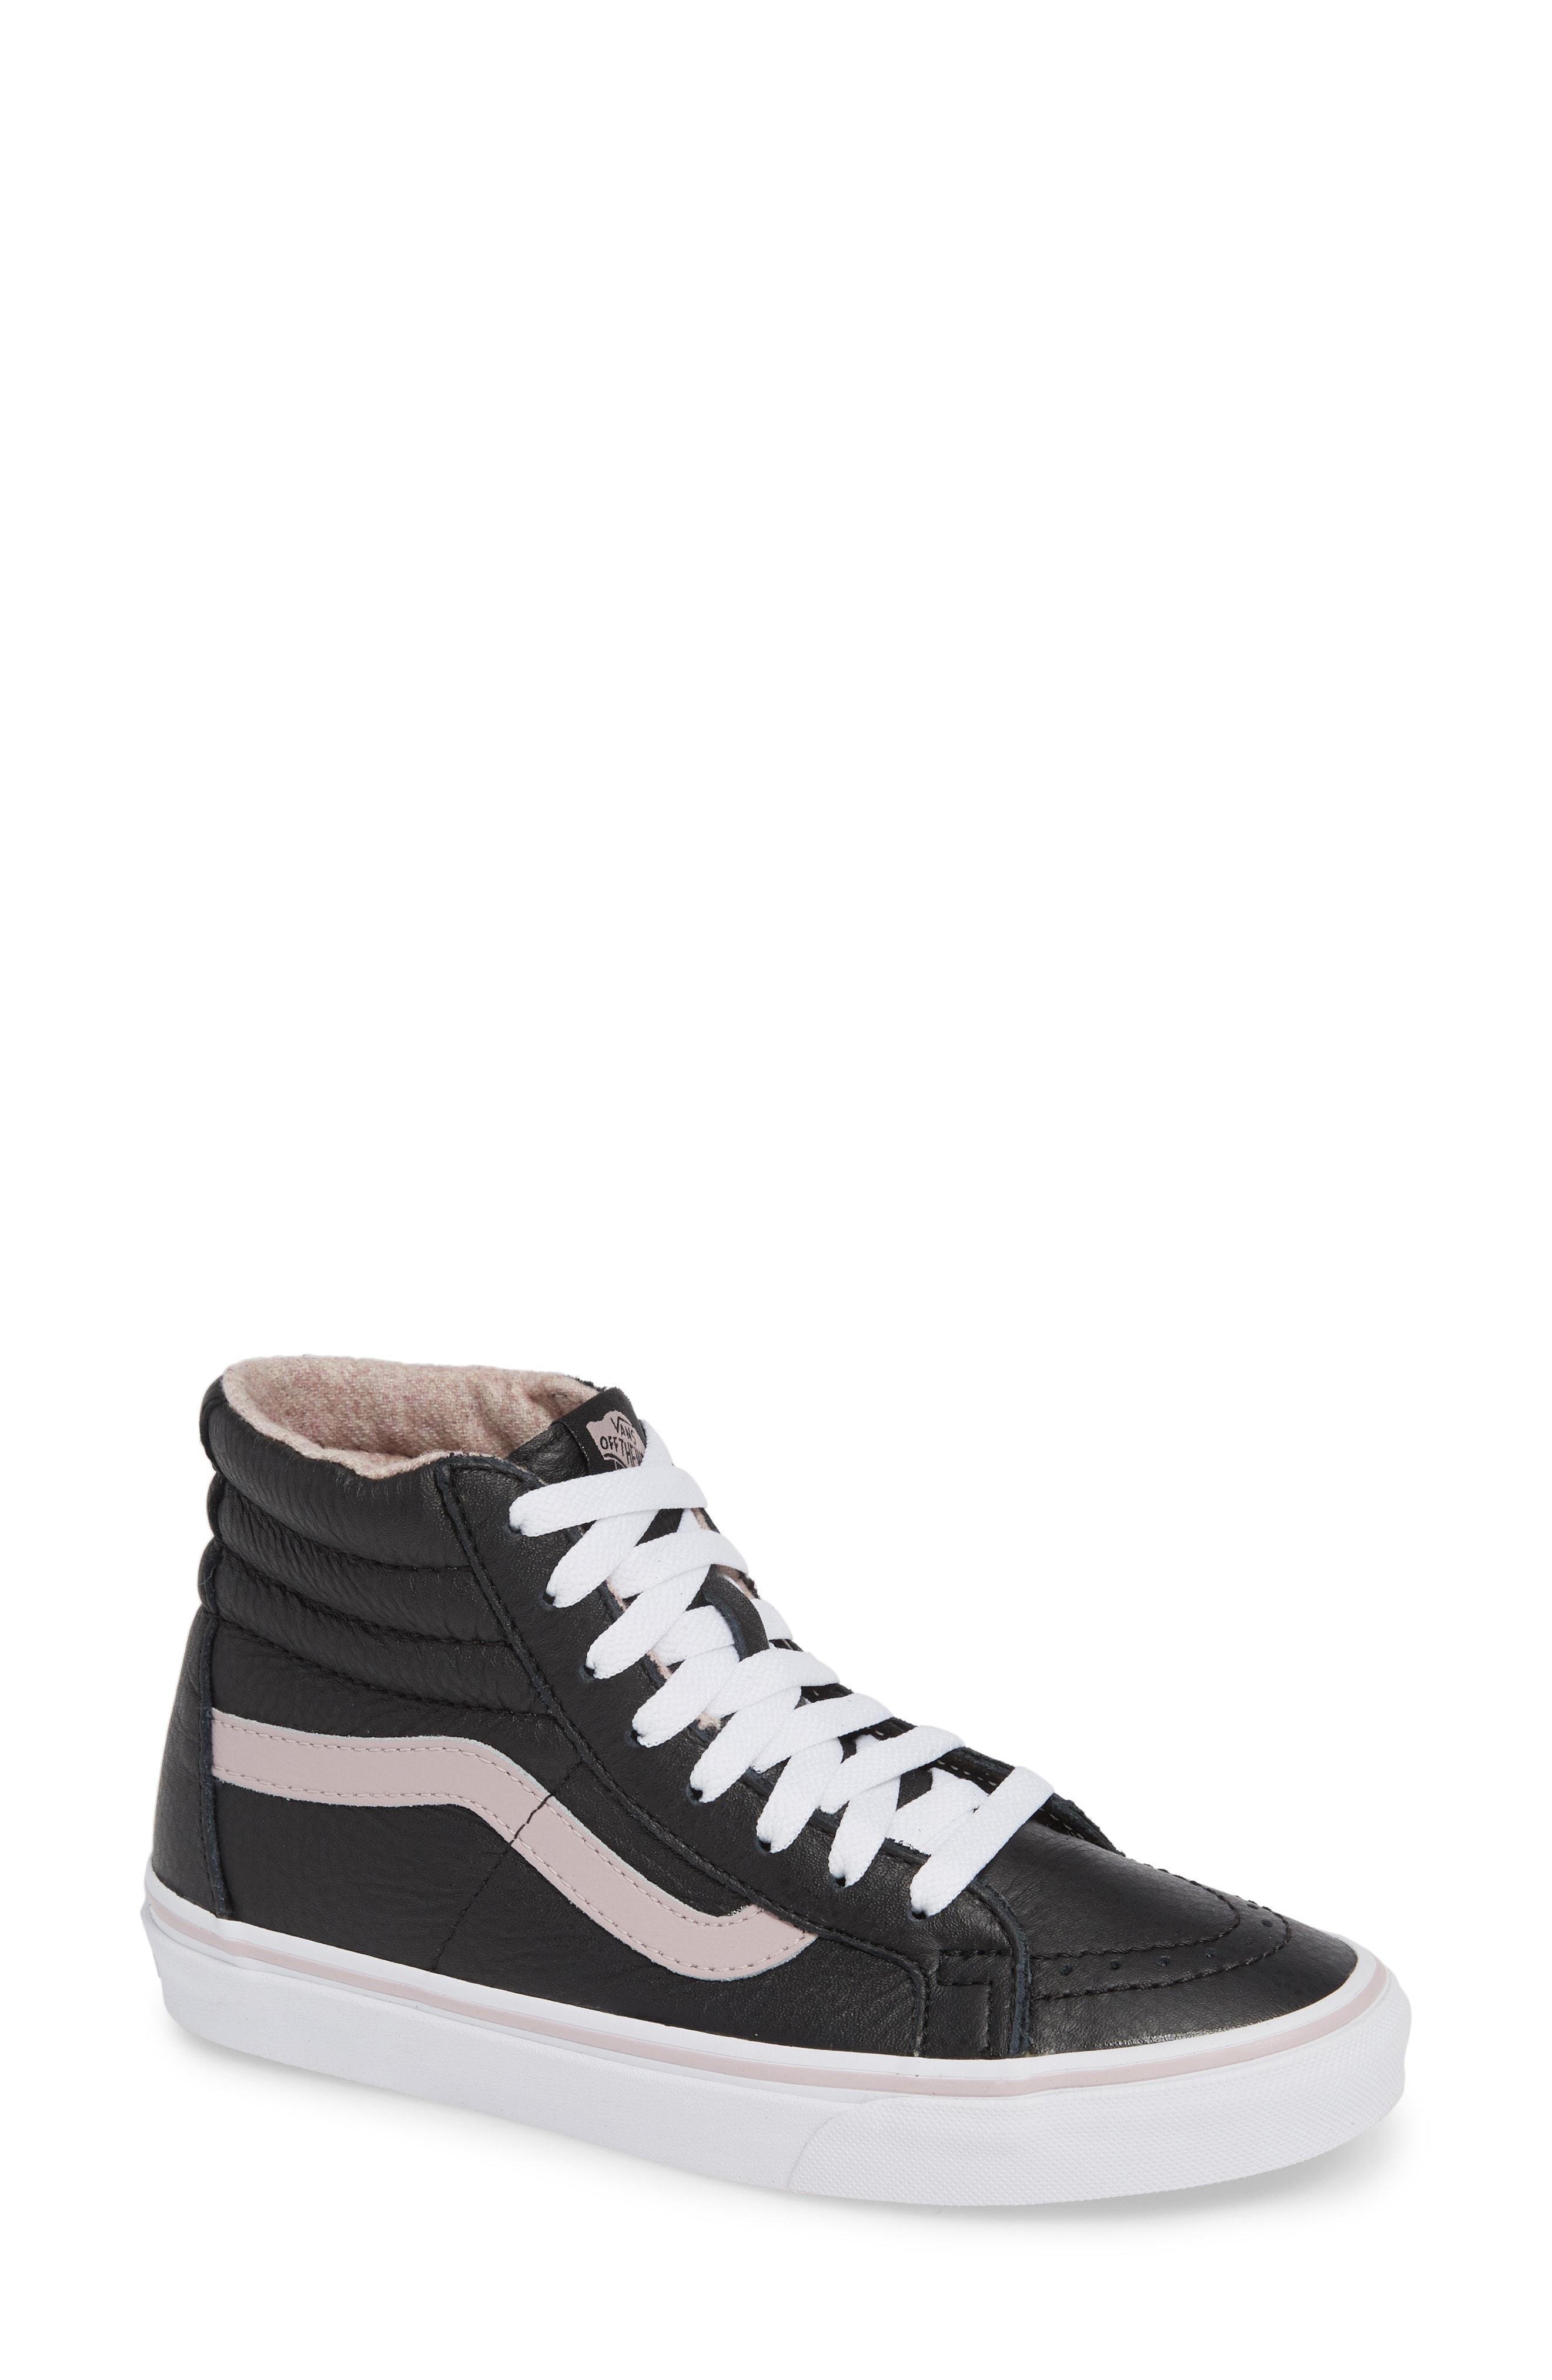 4c37b501a4178 Lyst - Vans Sk8-hi Reissue Sneaker in Black